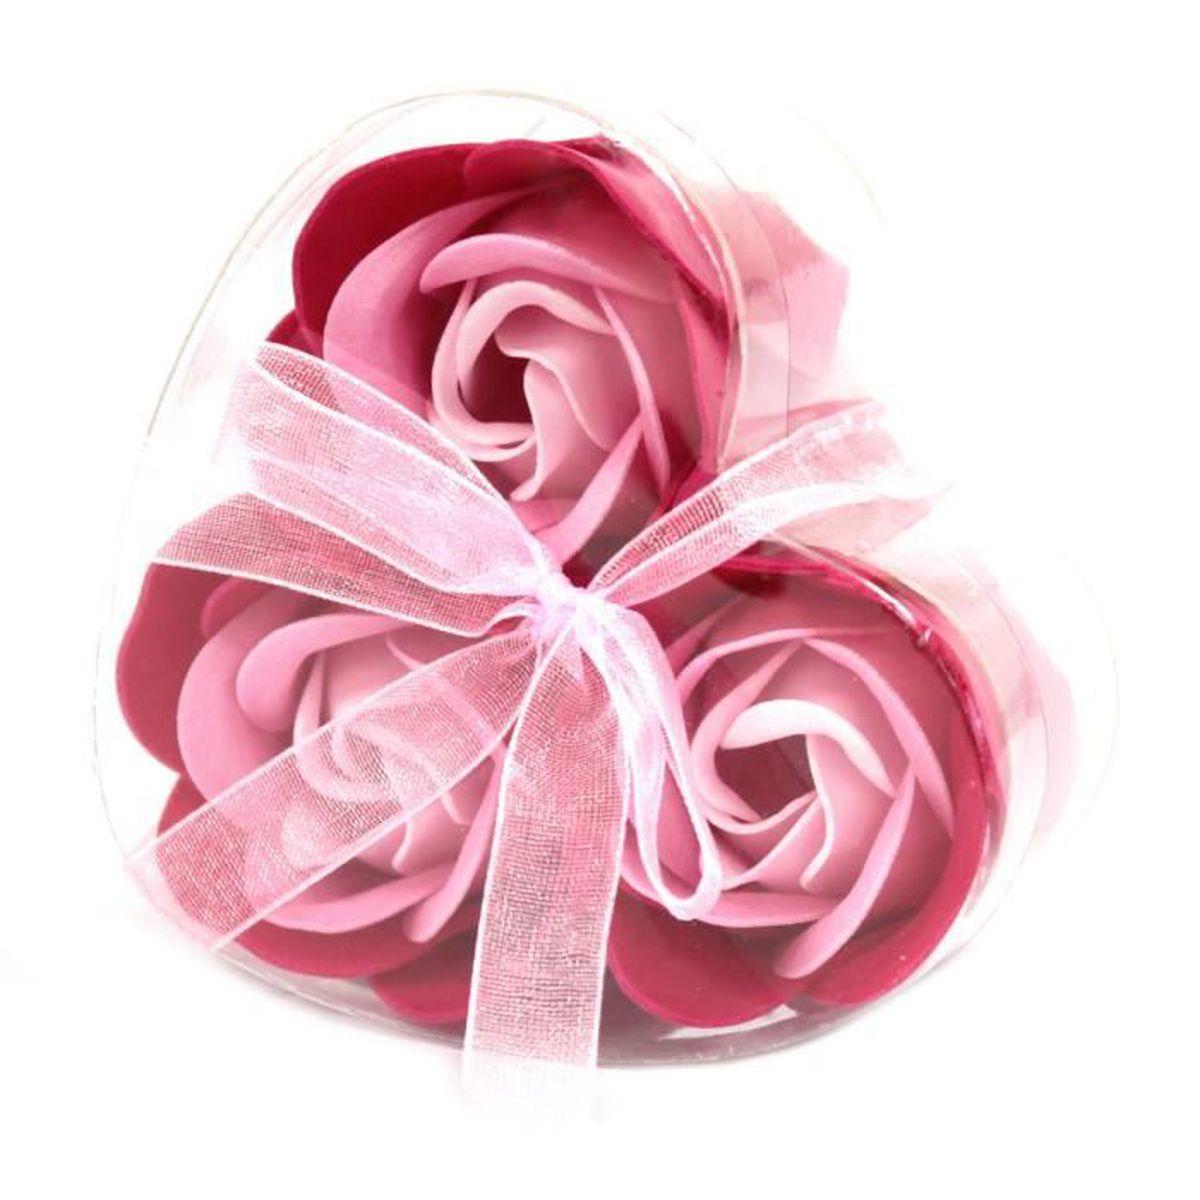 SAVON - SYNDETS Lot de 3 Roses de Savon Boite Coeur - Rose